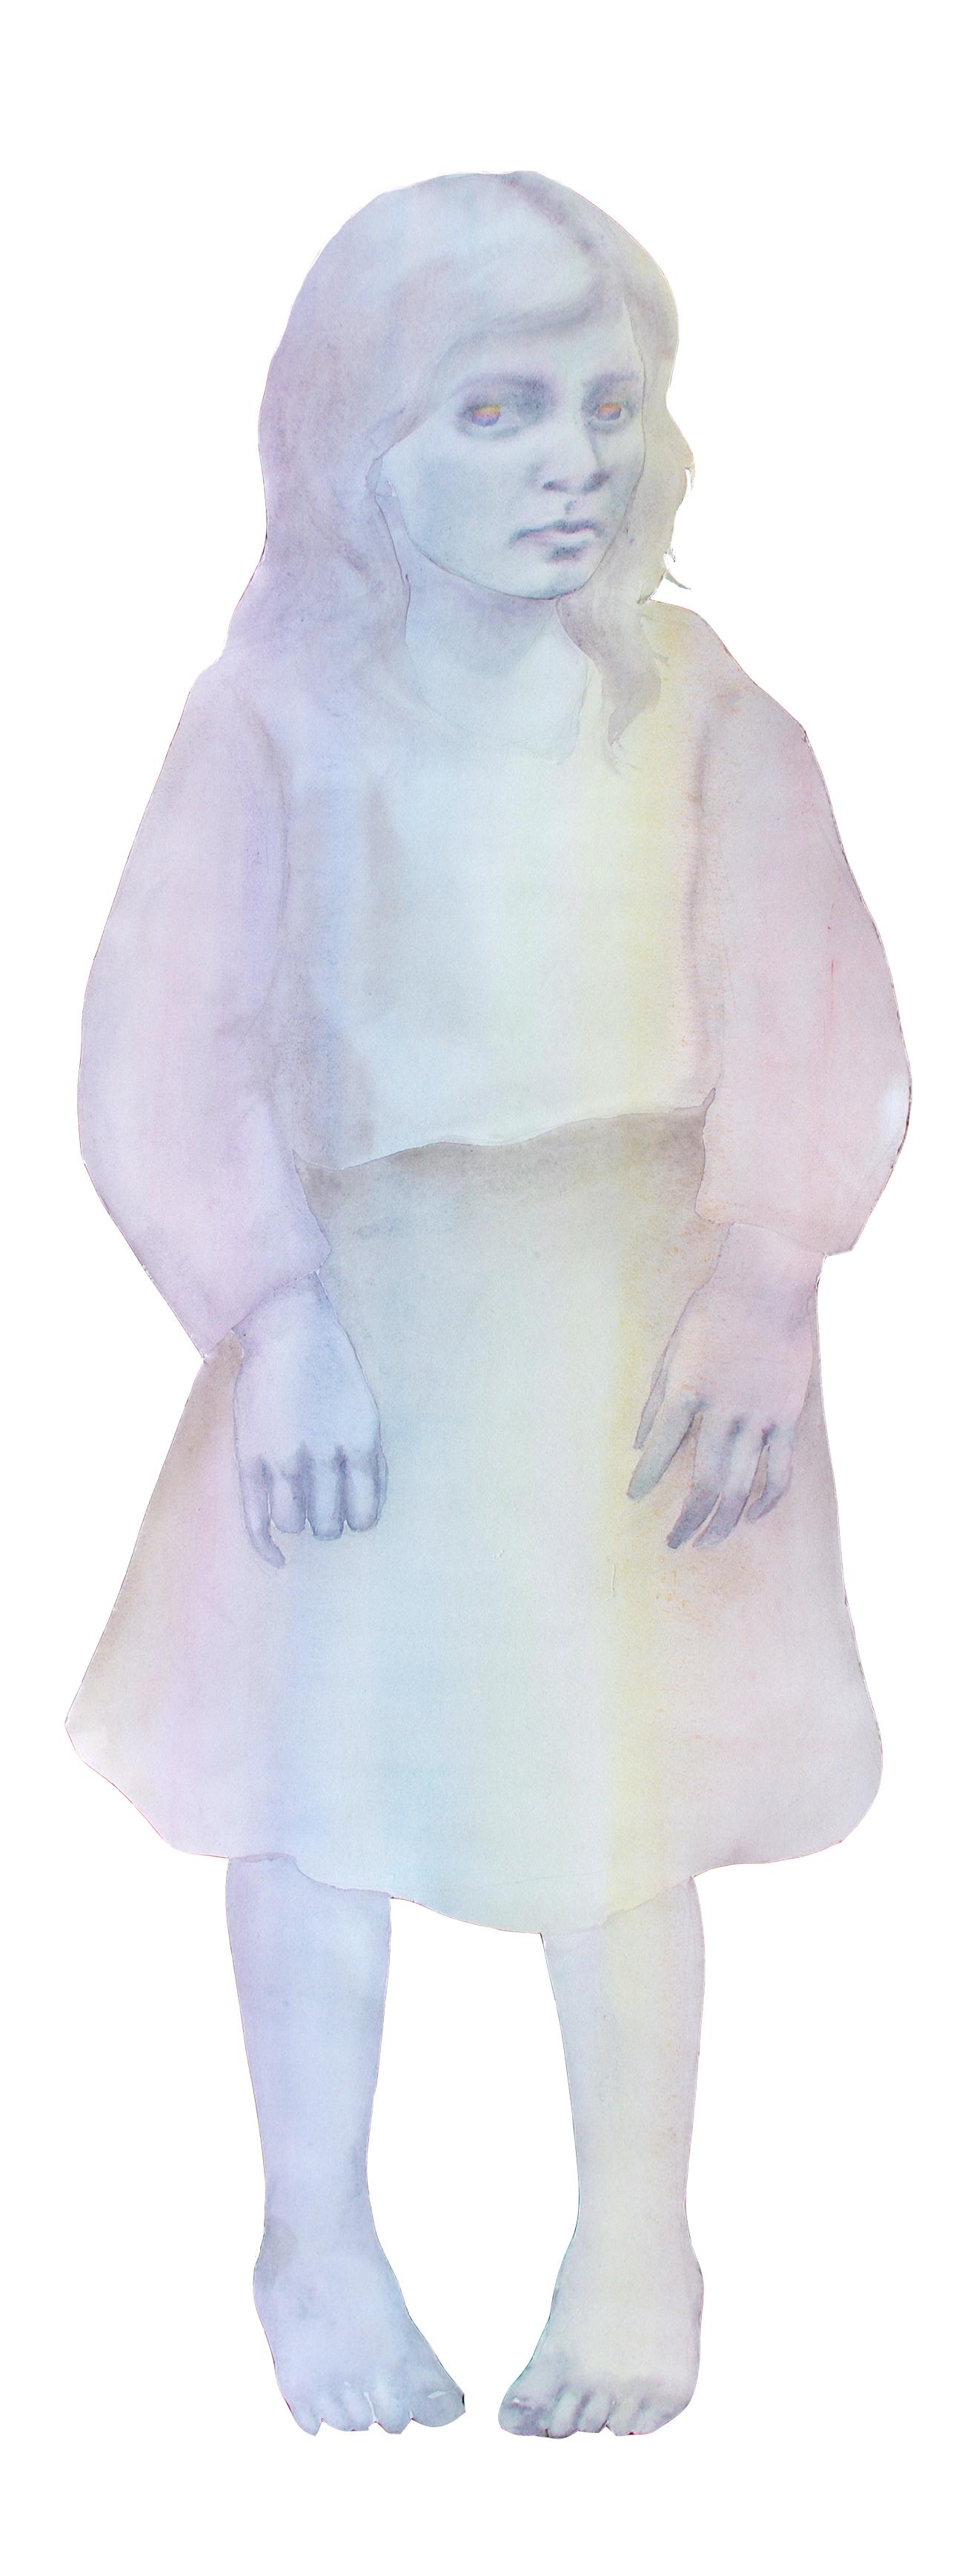 muotoon leikattu akvarelli, 2013